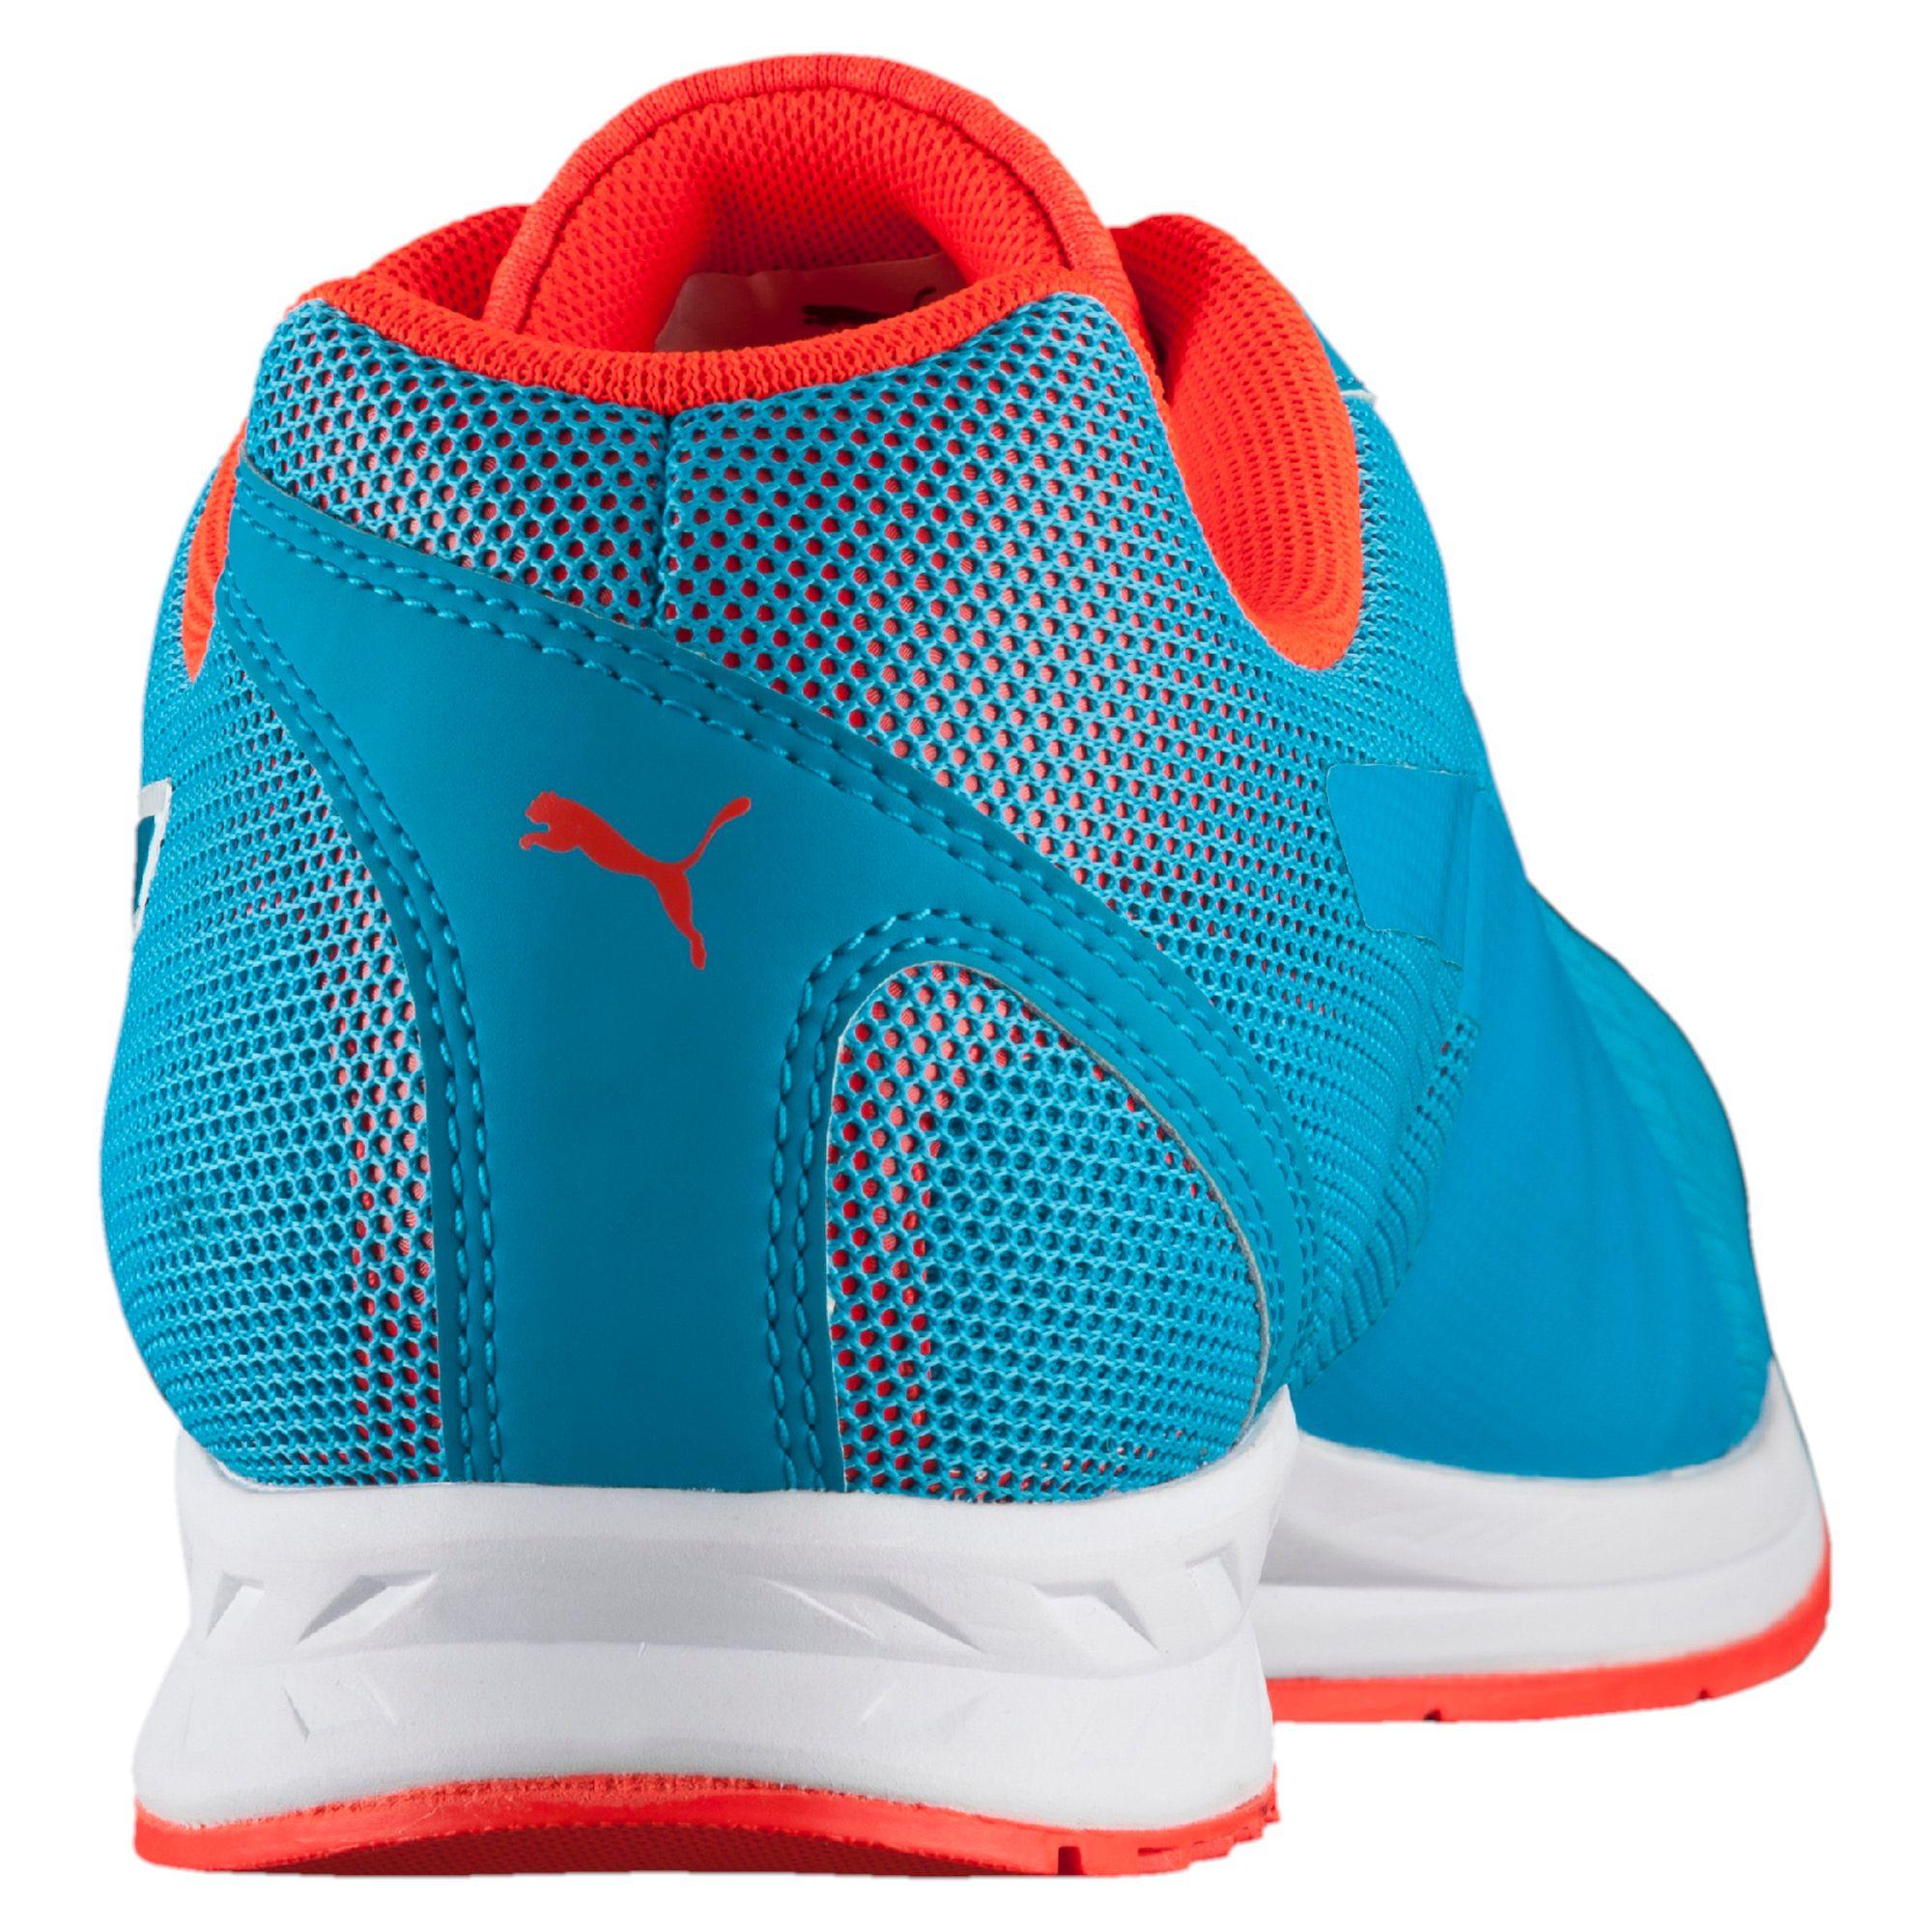 Dettagli su PUMA Burst Running Shoes Uomo Scarpe Corsa Nuovo